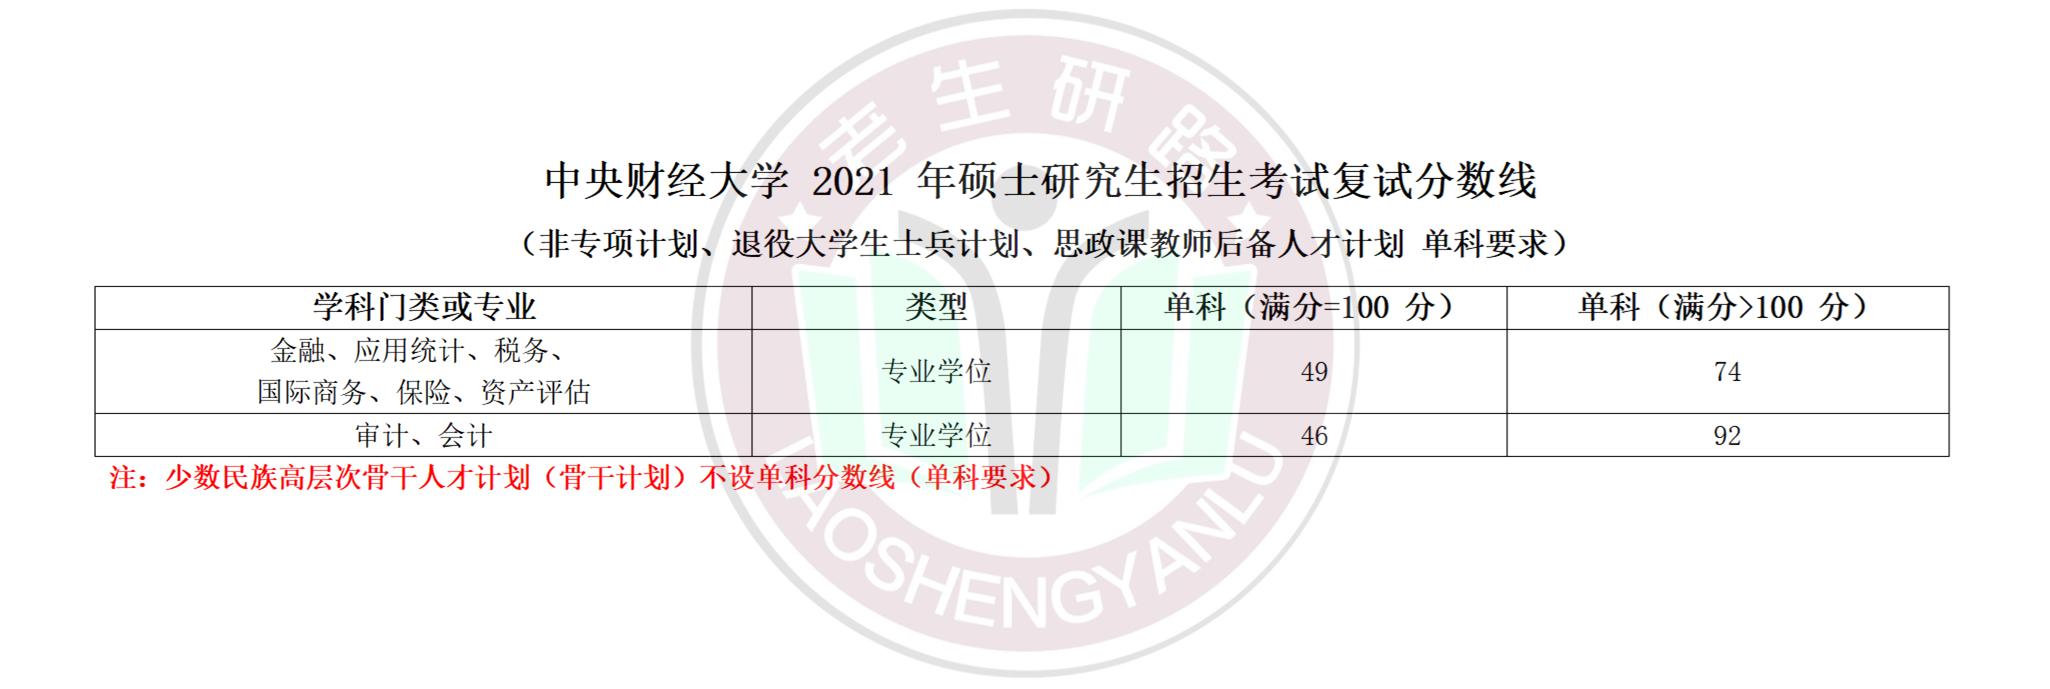 2021年中央财经大学复试线及加分政策_04.png